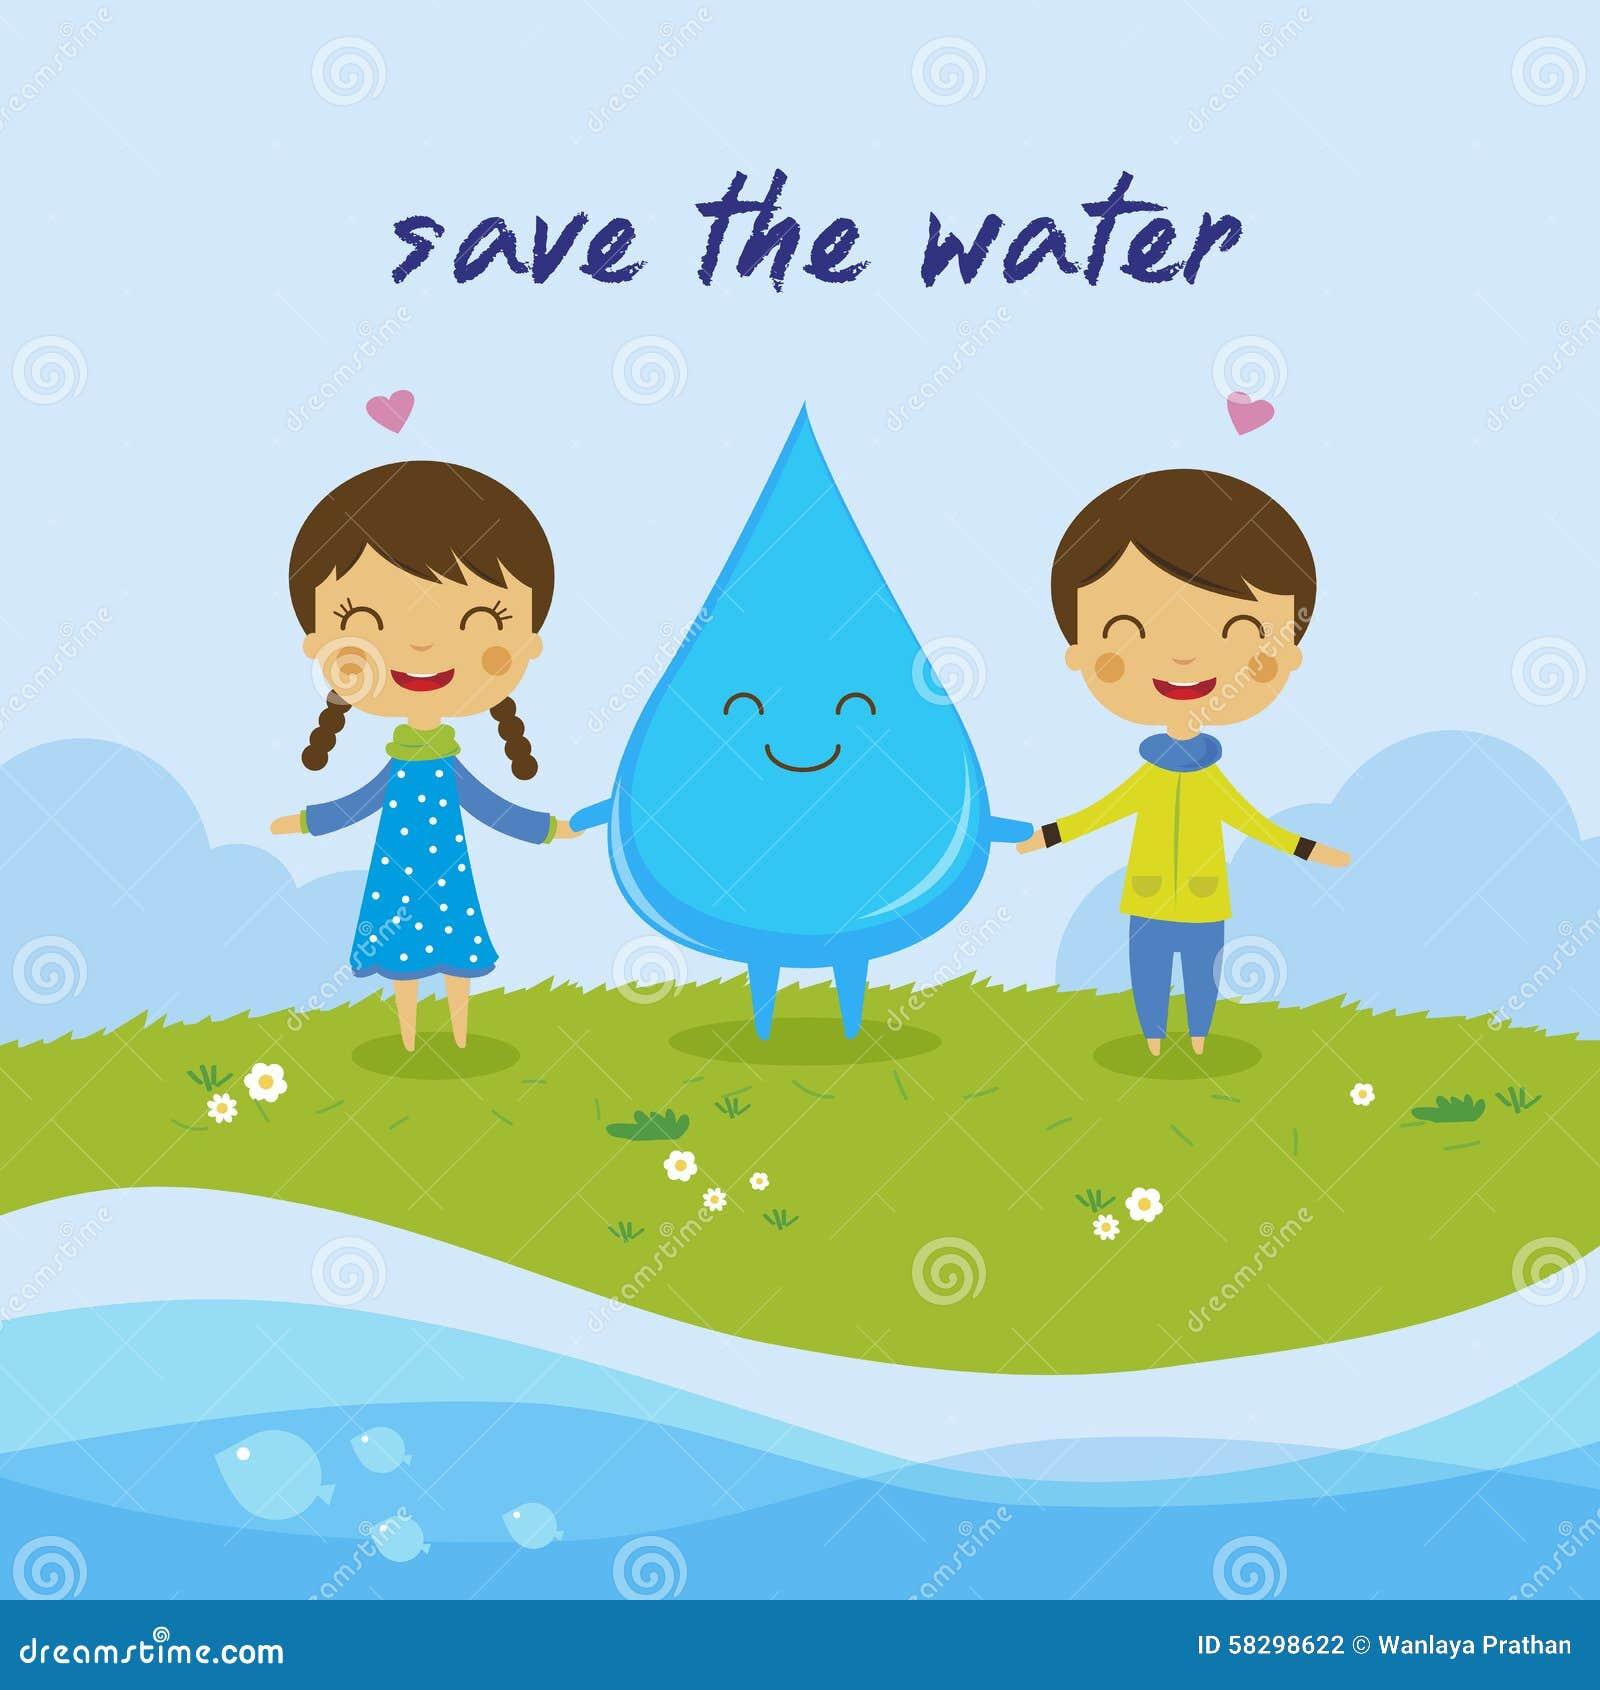 save water cartoon stock photos images pictures 925 images save the water save the world stock photography